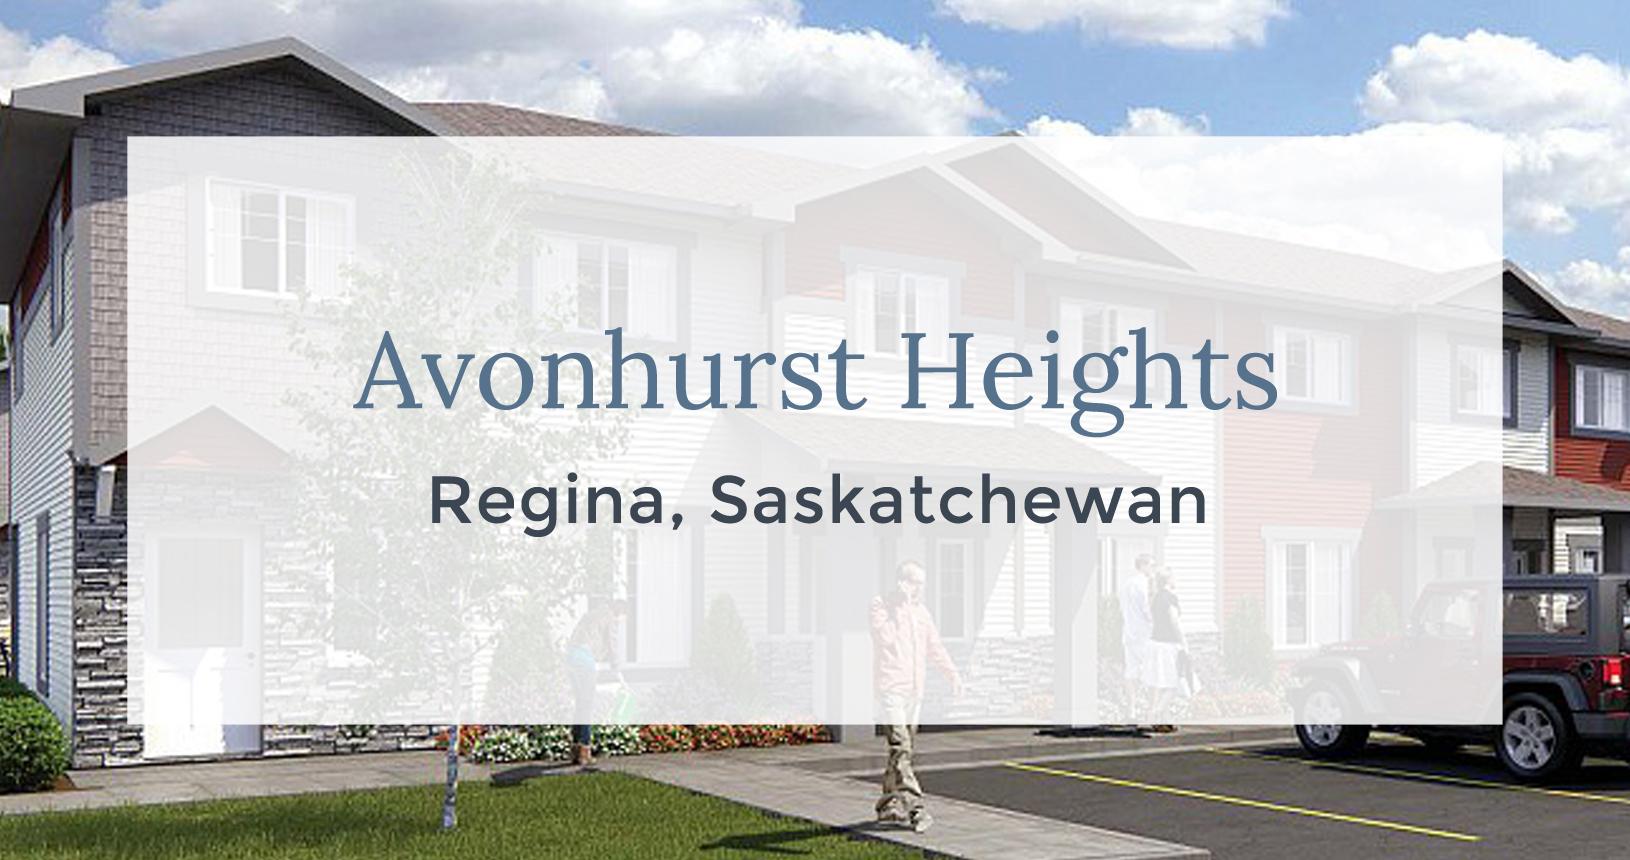 Avonhurst Heights: Regina, Saskatchewan